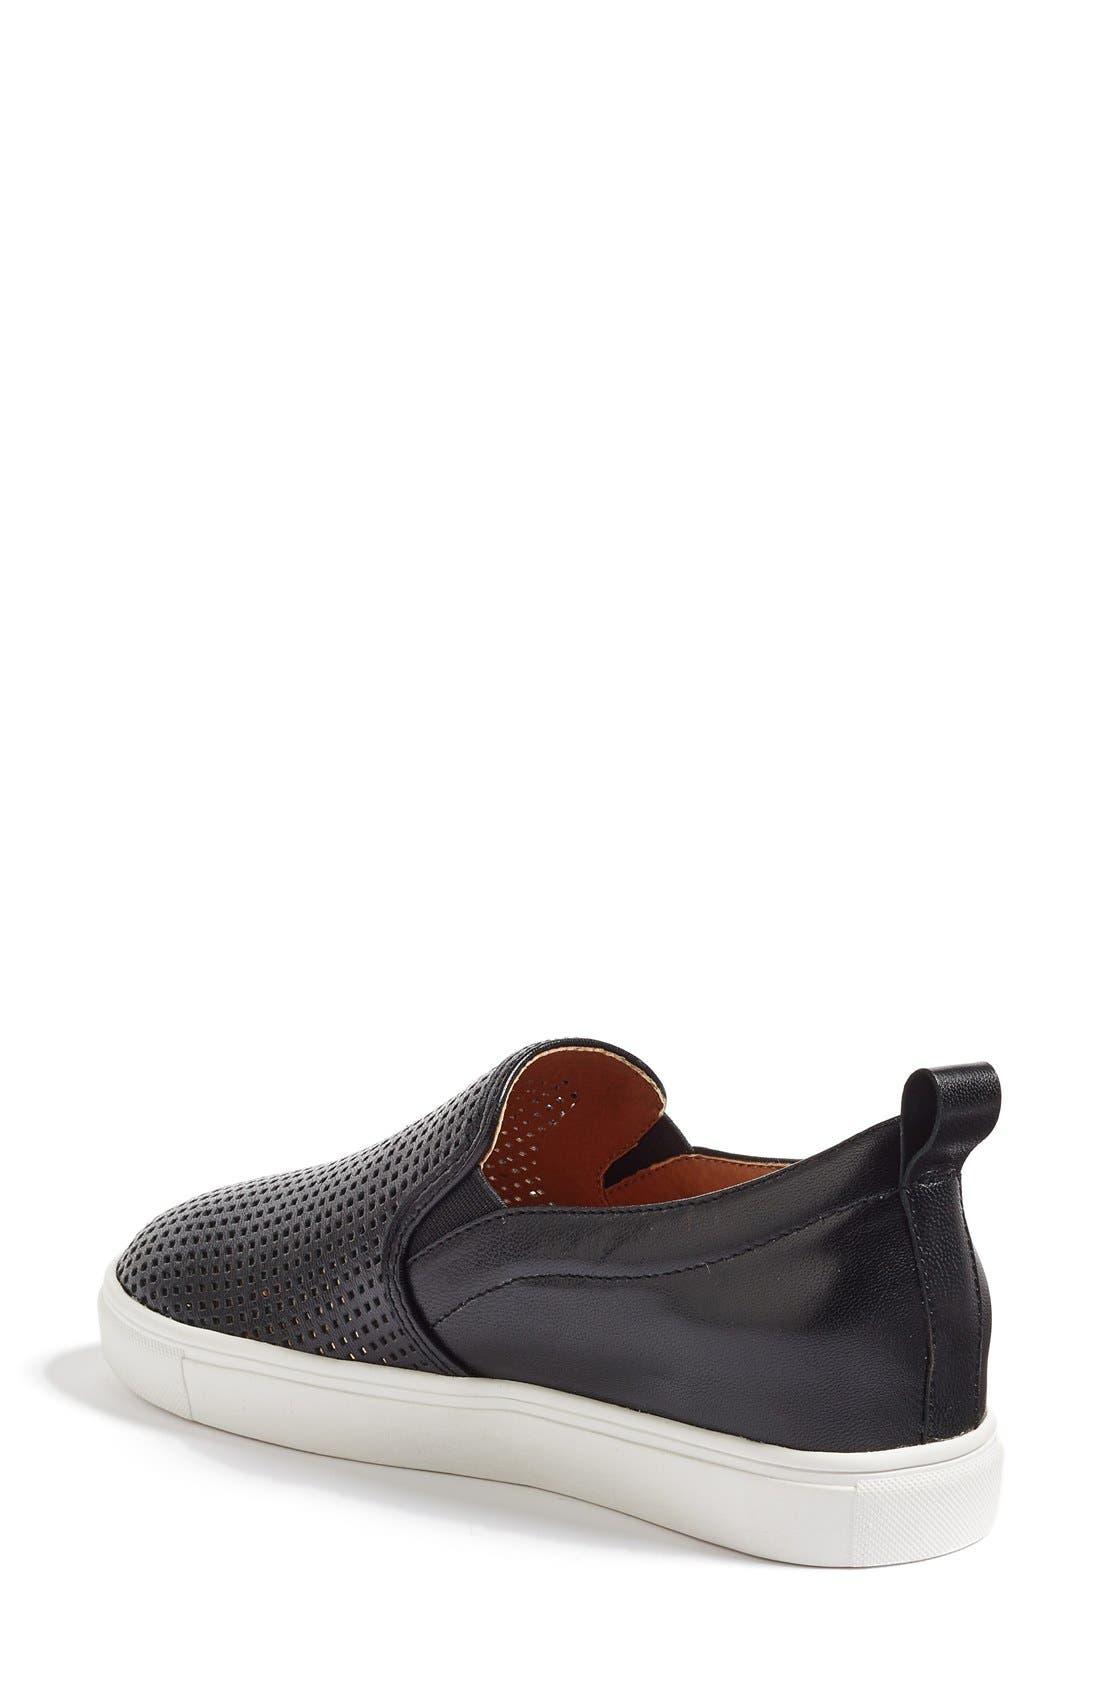 Eden Perforated Slip-On Sneaker,                             Alternate thumbnail 13, color,